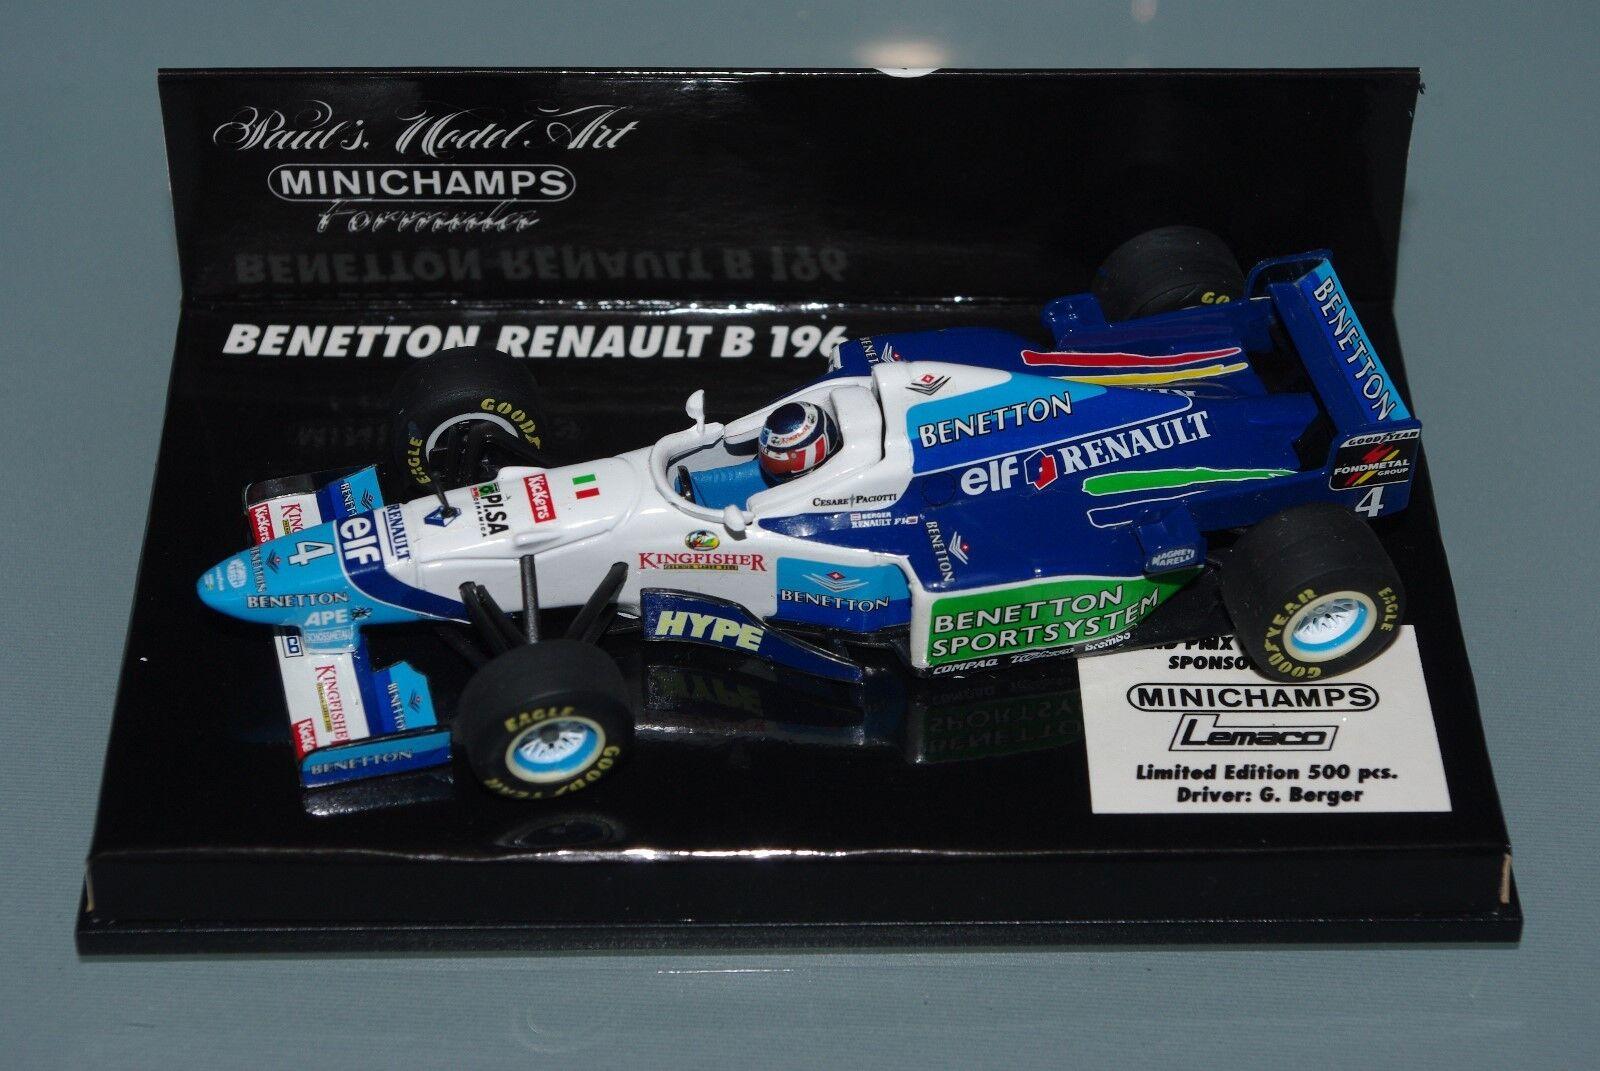 con 60% de descuento Minichamps F1 1 43 43 43 Benetton Renault B196 Lemaco-Berger-Gp Monaco 500 piezas  Ahorre 60% de descuento y envío rápido a todo el mundo.